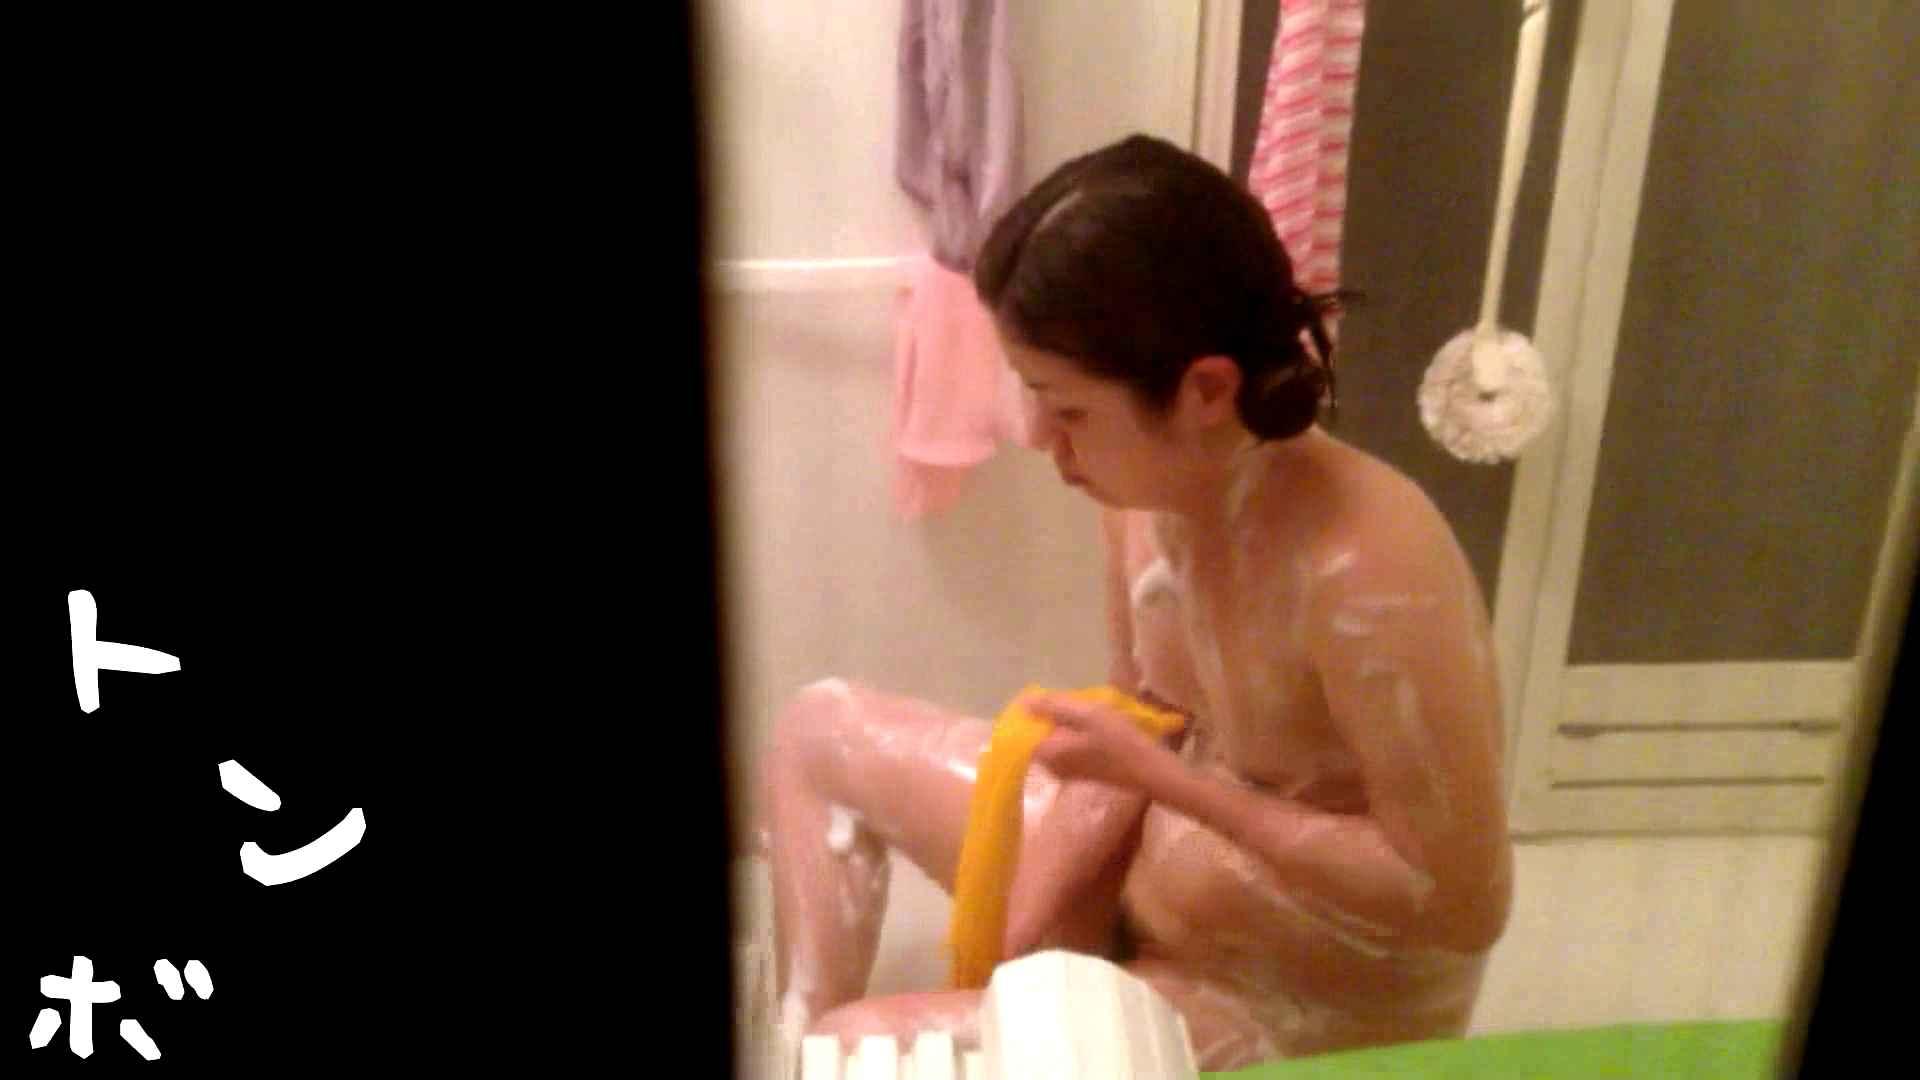 リアル盗撮 美人女市女末の入浴(女市 OL編) 入浴中のオンナ のぞきエロ無料画像 68pic 6